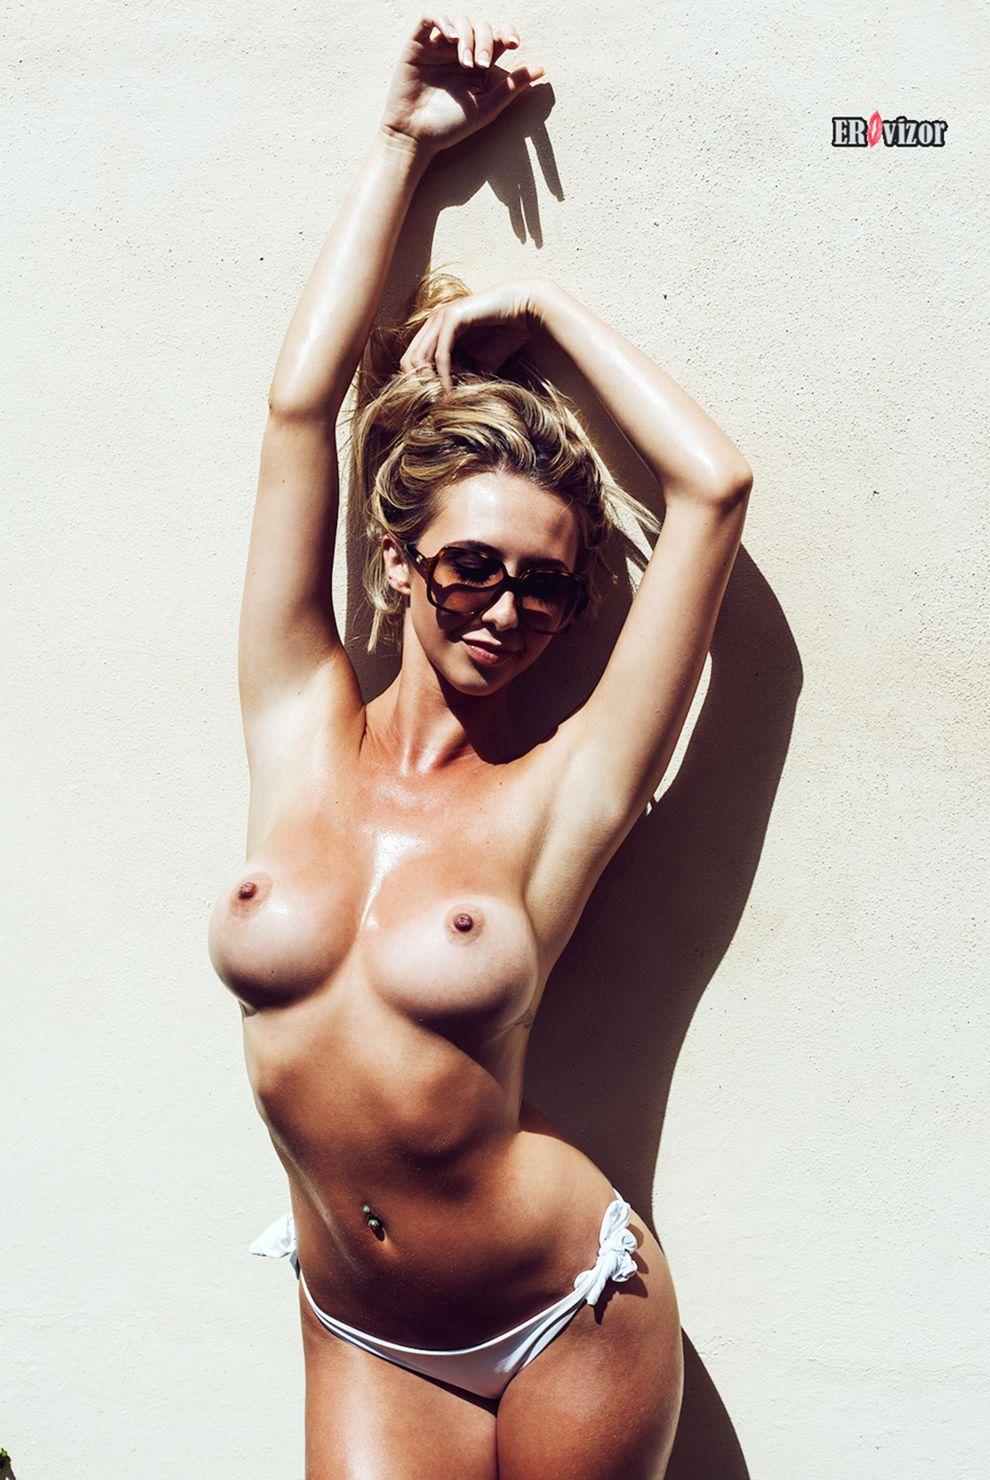 Фото эротика сексуальной девушки у стены